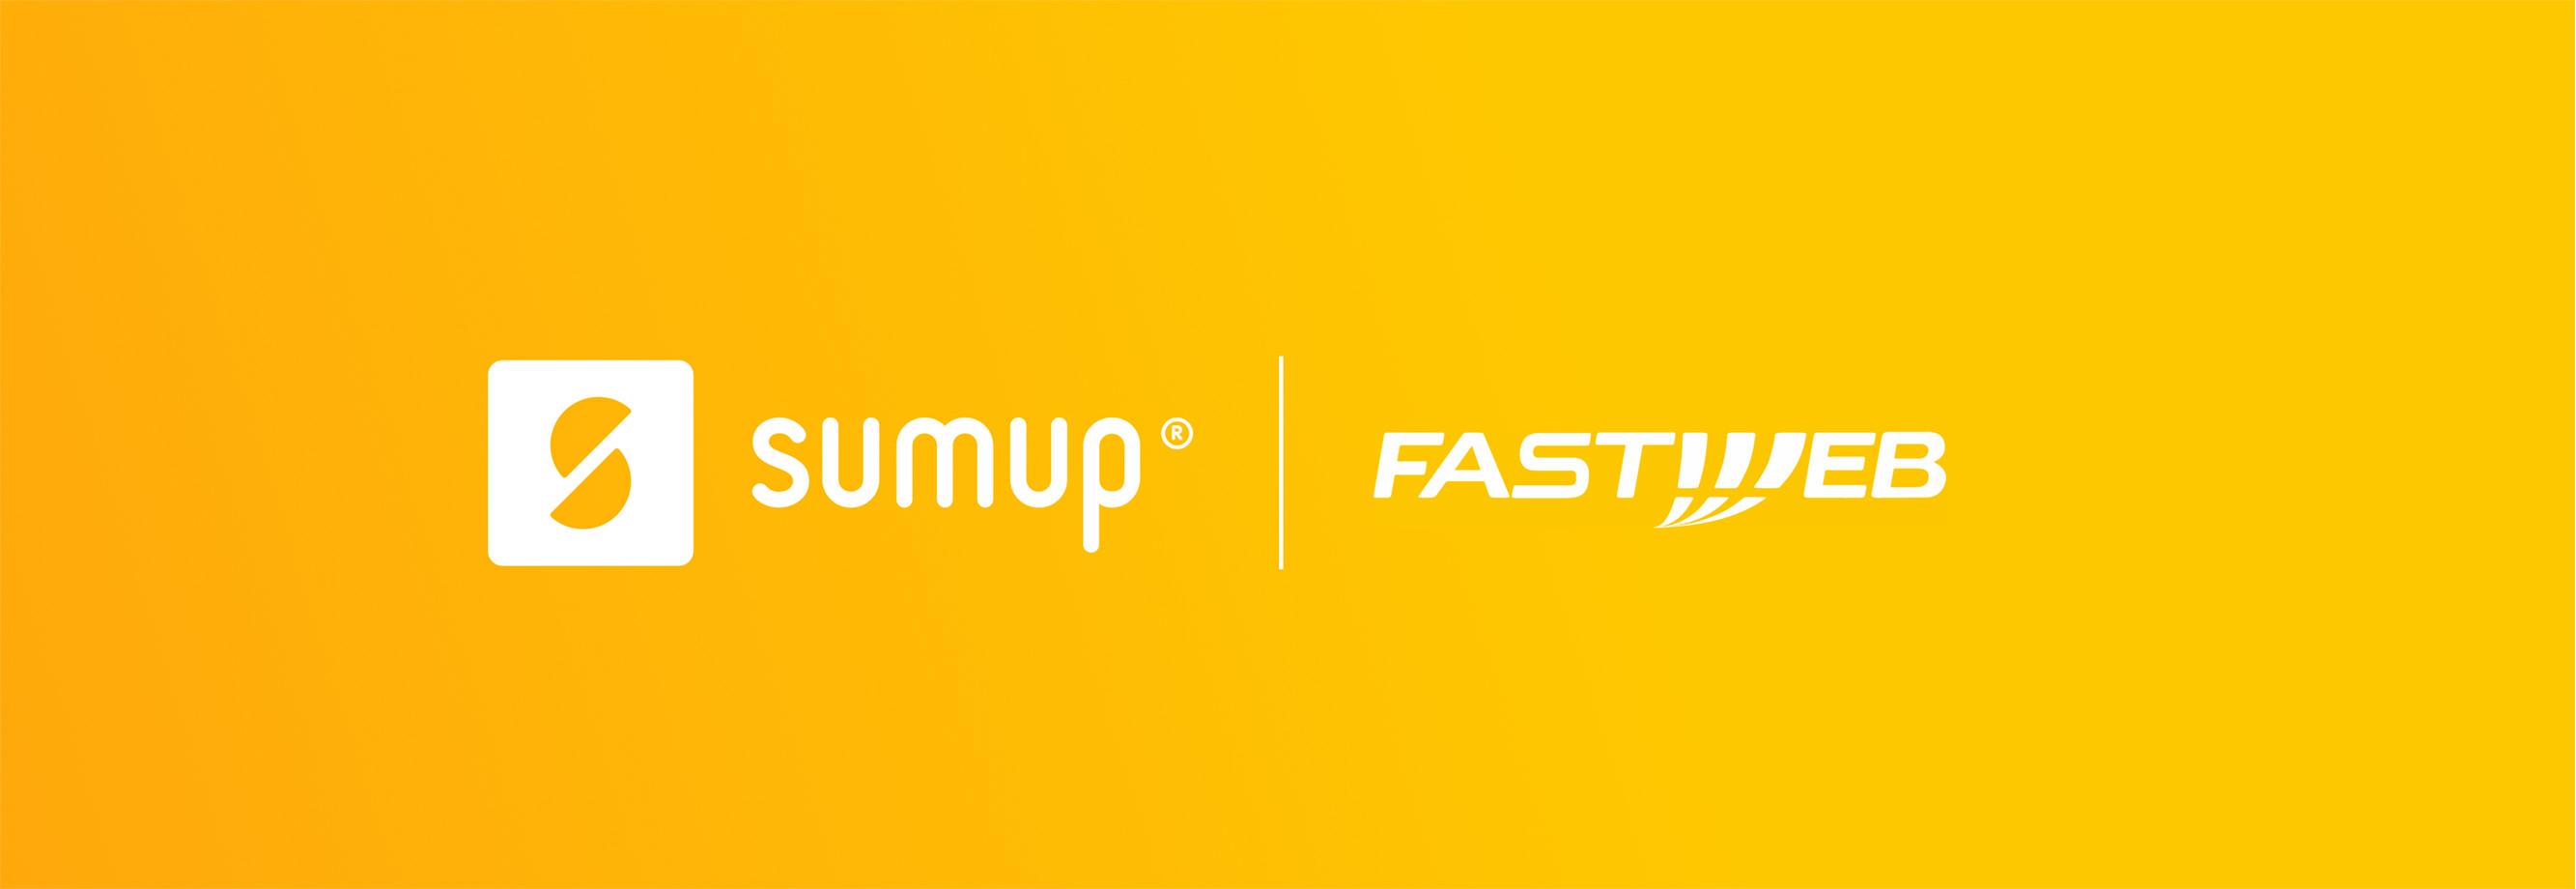 Sumup x Fastweb